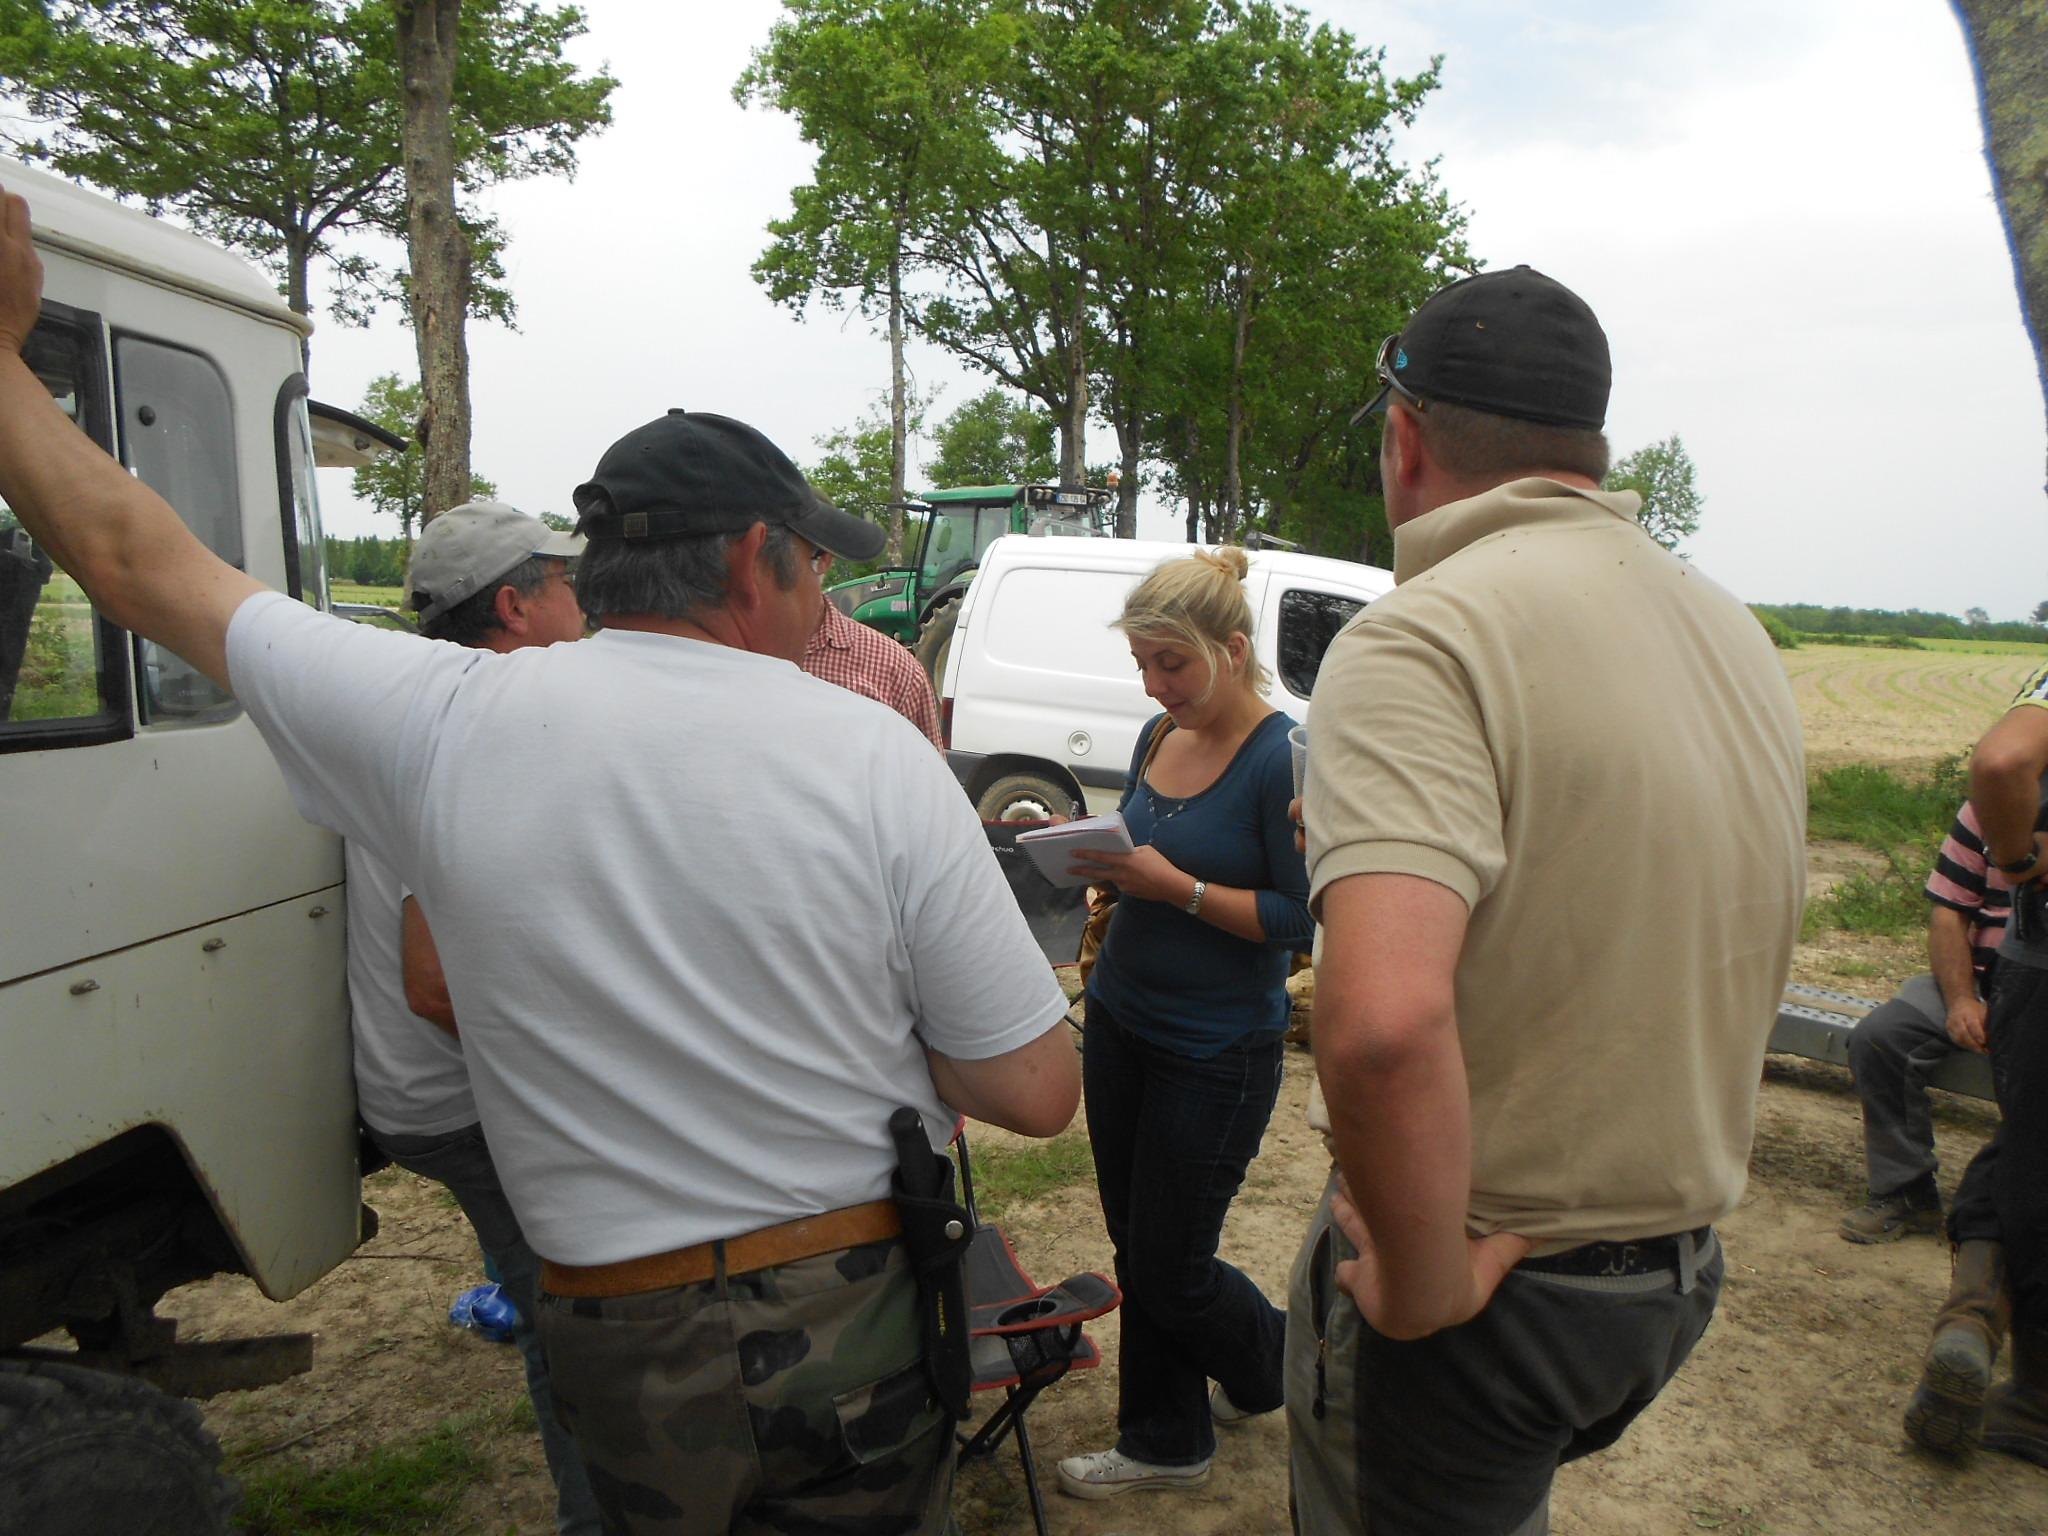 nous avons la visite d'une journaliste de sud ouest, qui prendra tous les rensiegnements de l'avancement de notre nouvelle spéciale